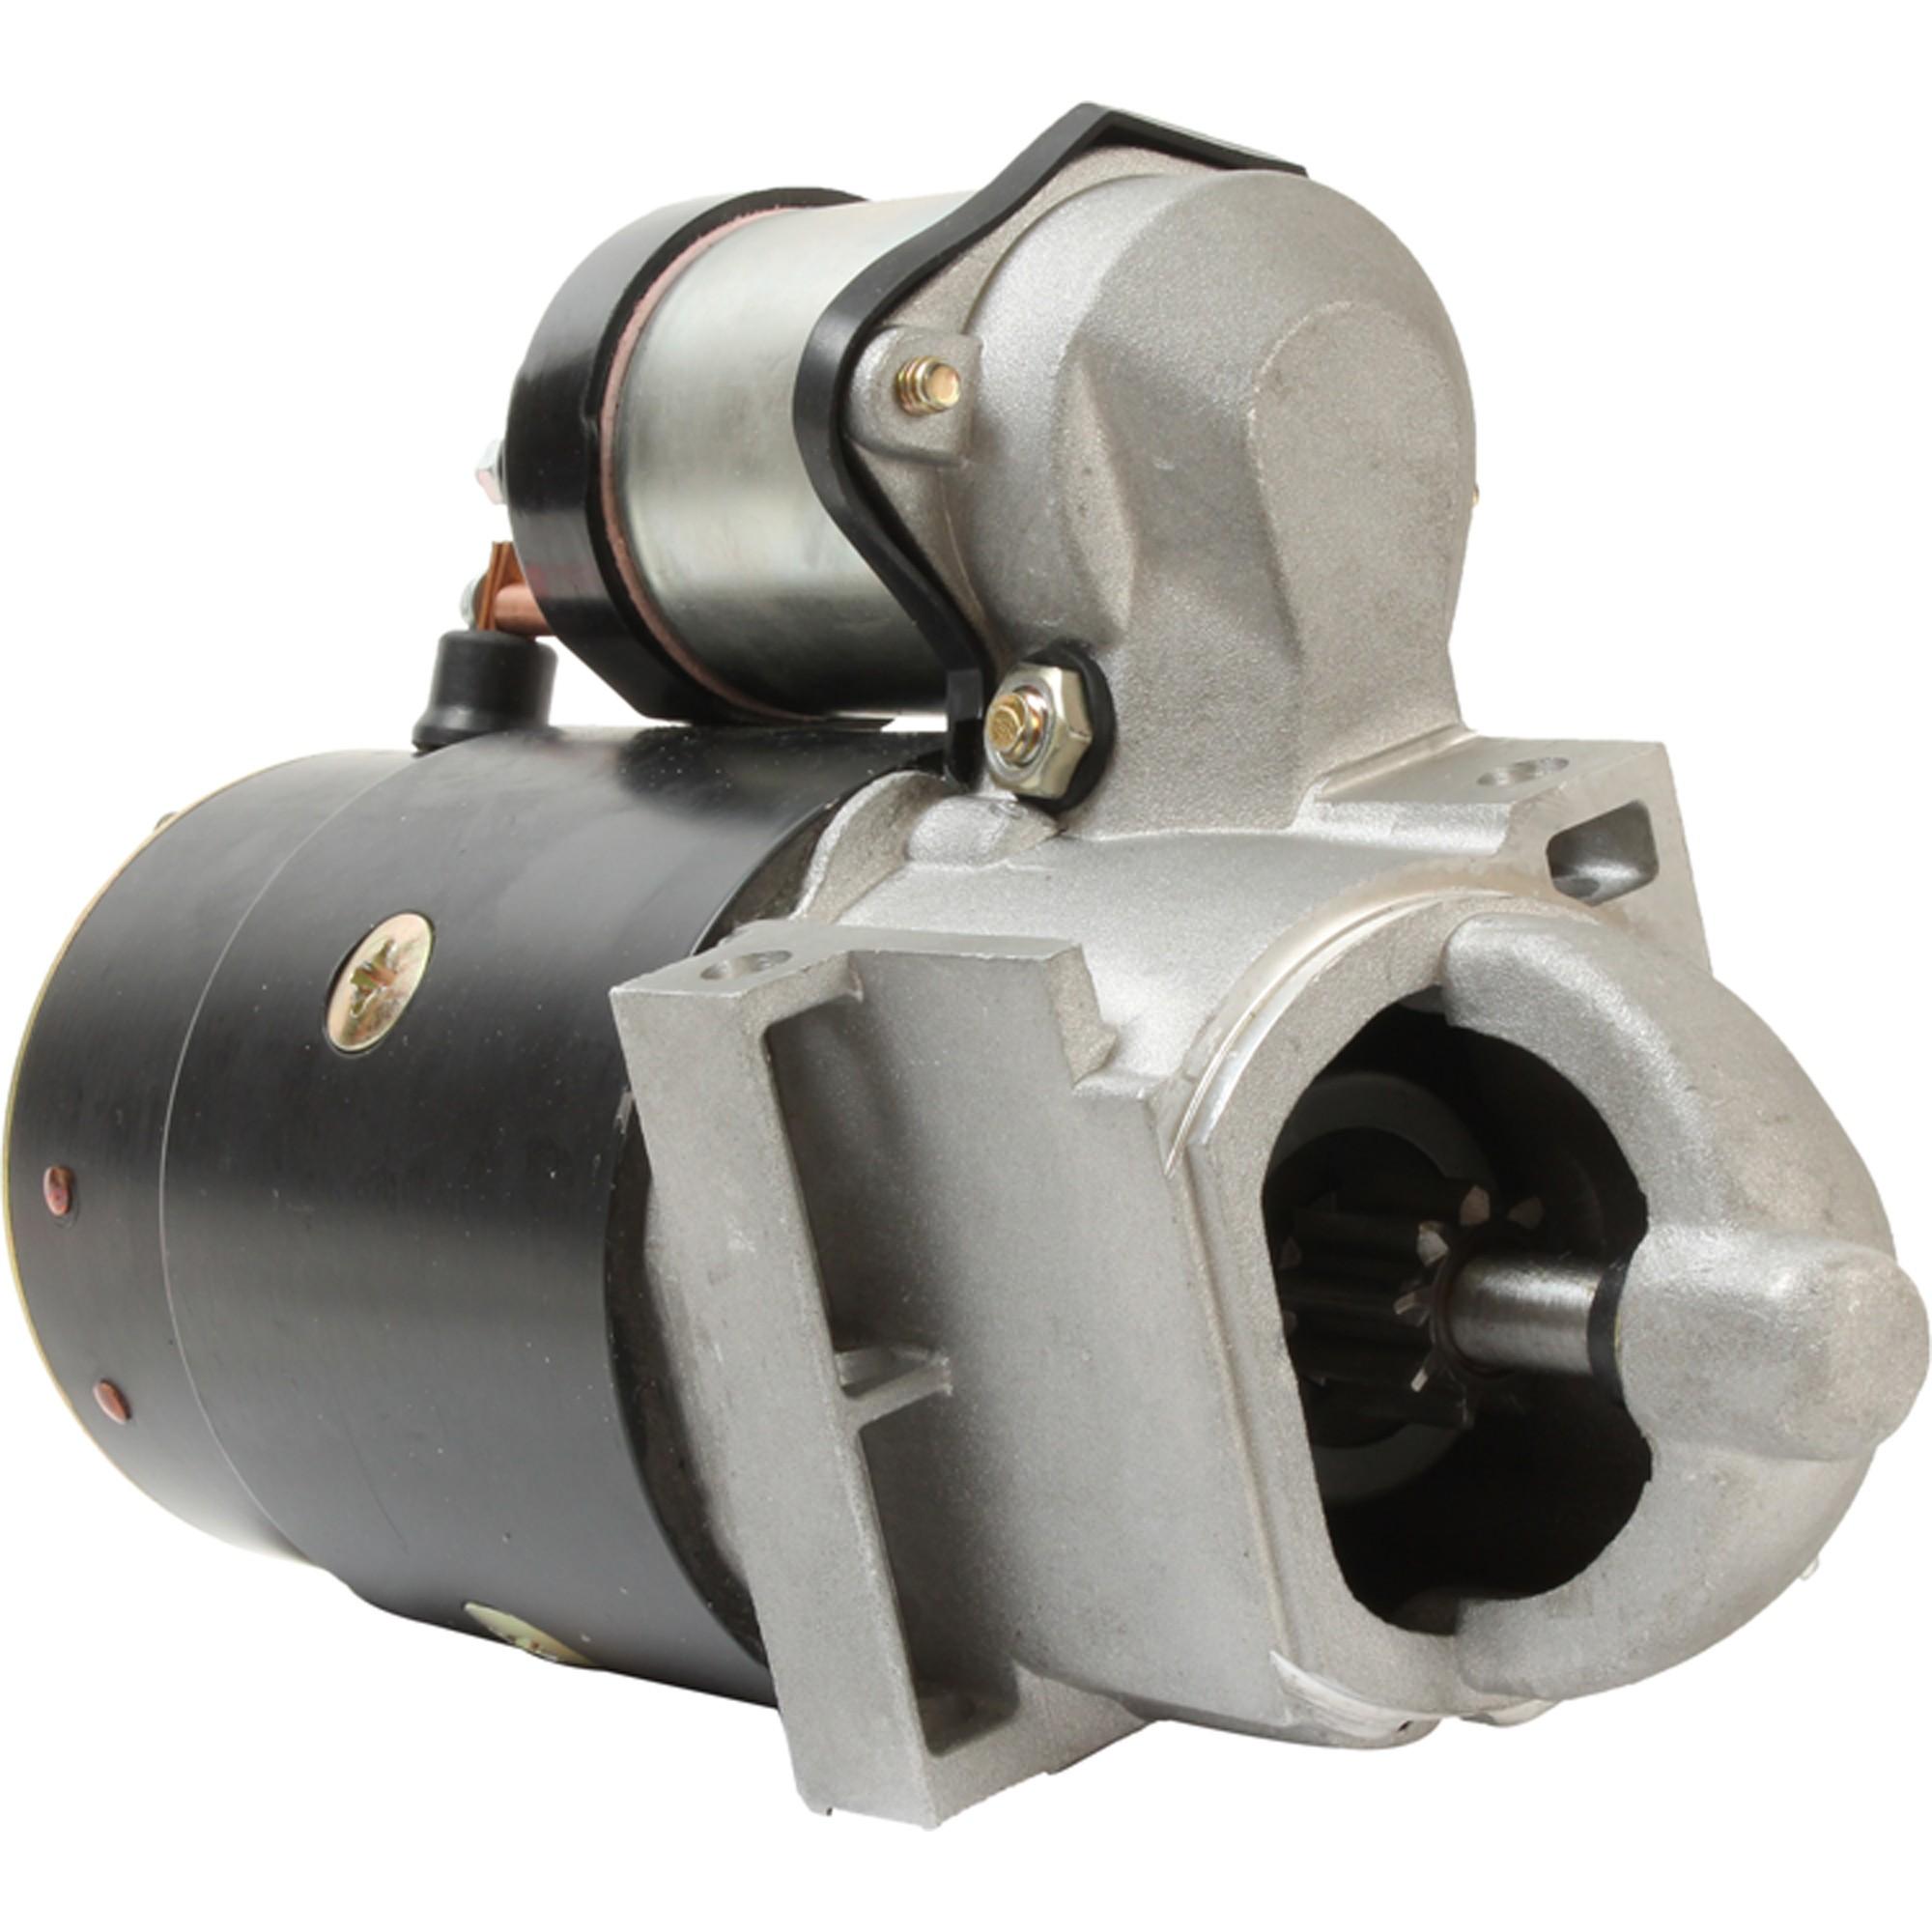 New SAEJ1171 Certified Marine Starter Merccruiser OMC 1998568 1998569 1998570